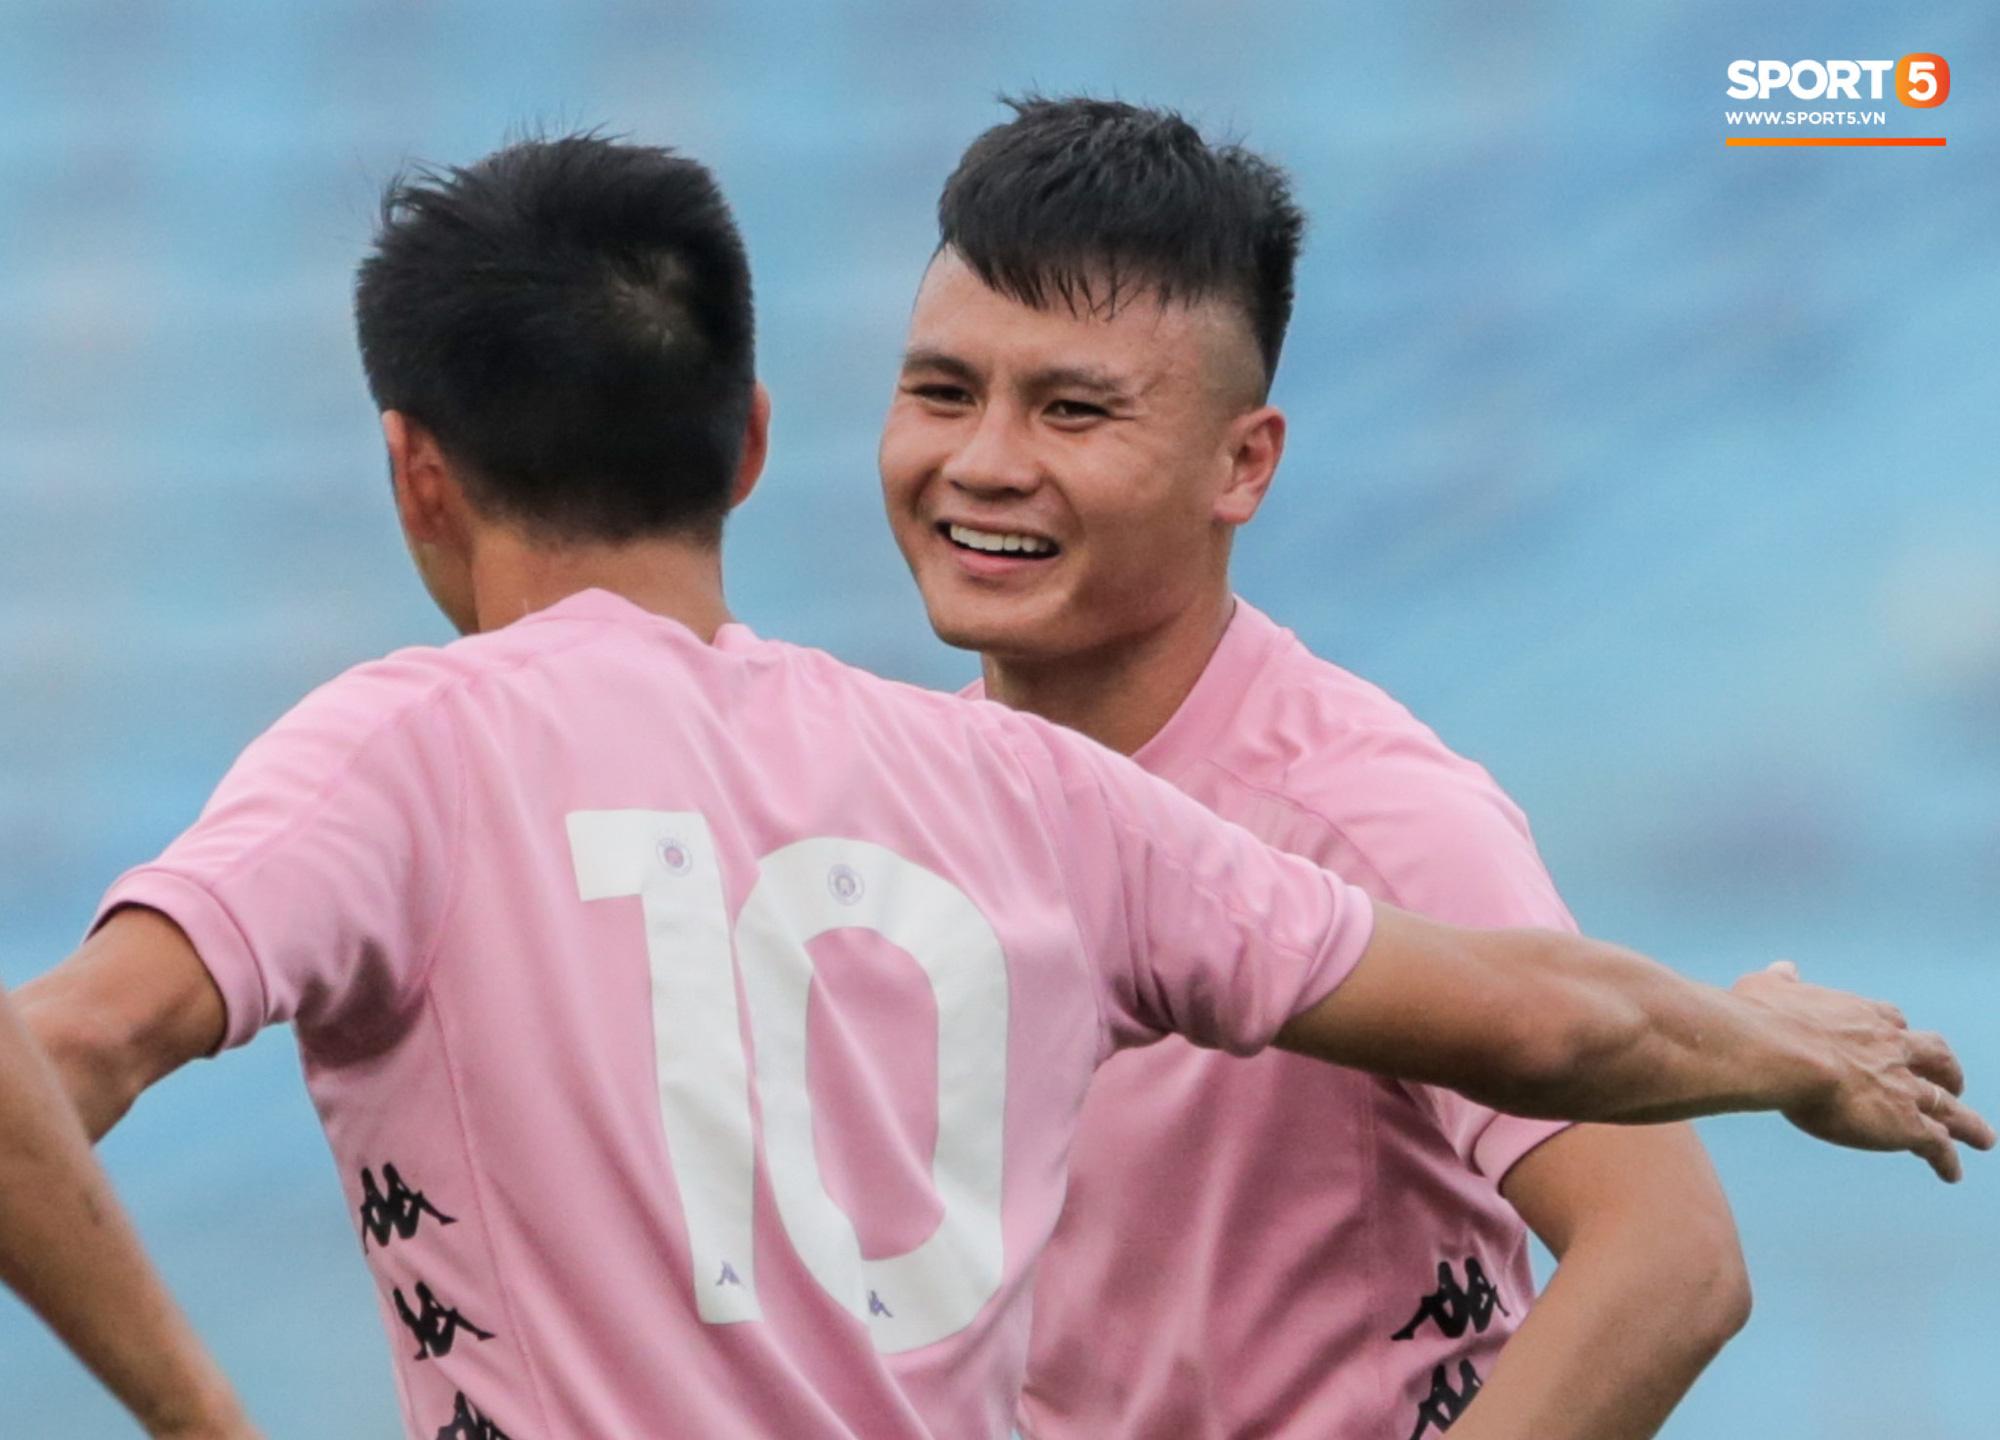 Quang Hải và cơ hội vàng giải vận hạn, dứt cơn khủng hoảng trong ngày bóng đá Việt trở lại - Ảnh 2.